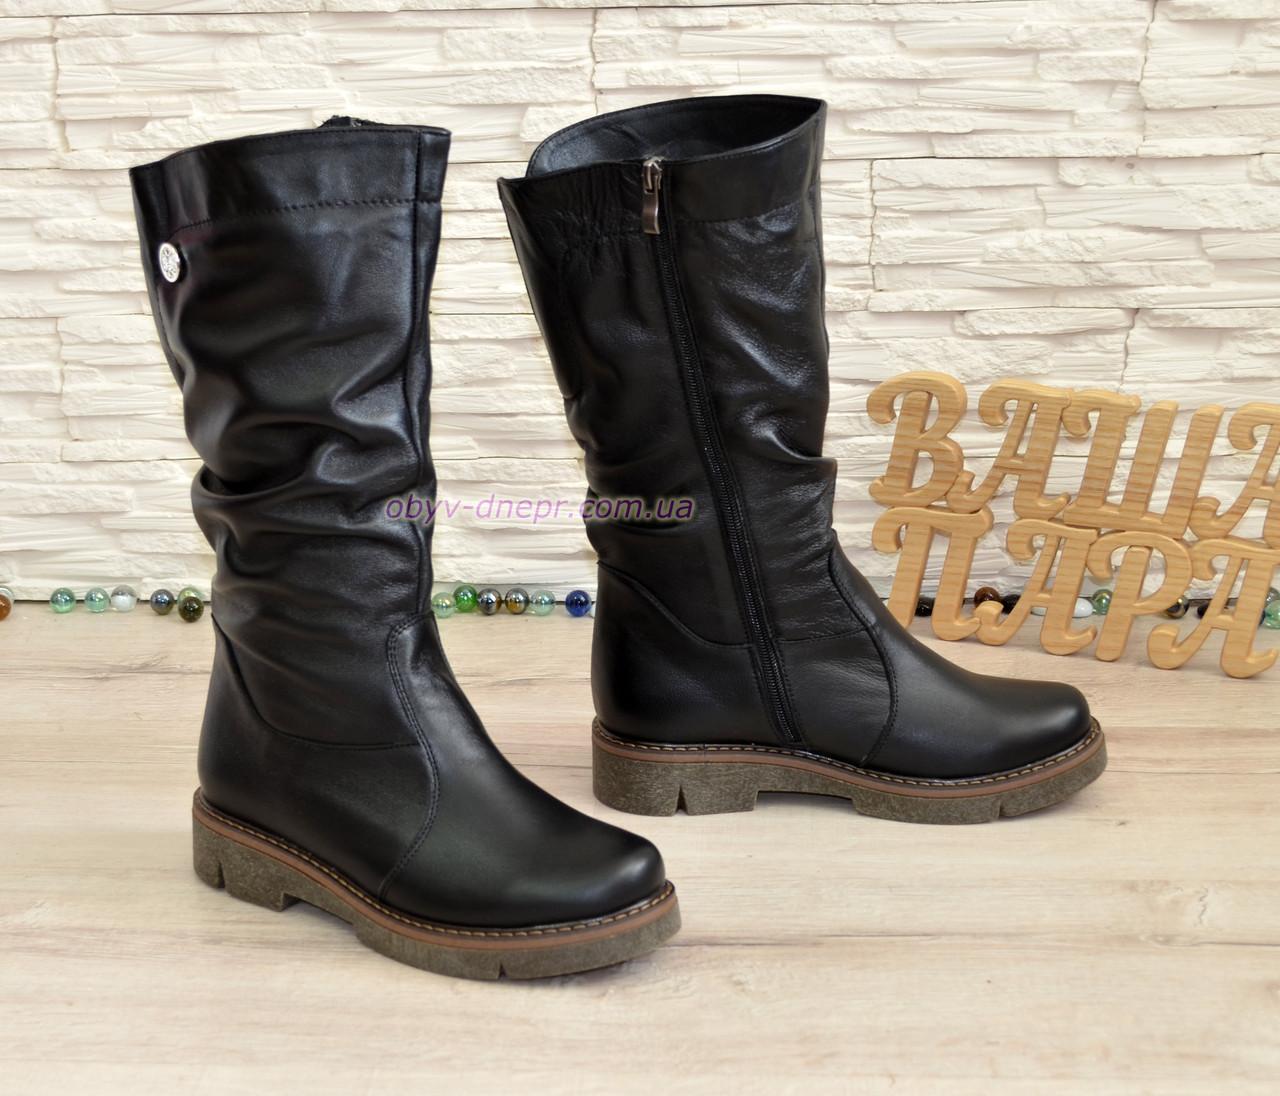 84b369969 Купить Ботинки женские демисезонные кожаные на утолщенной подошве в ...